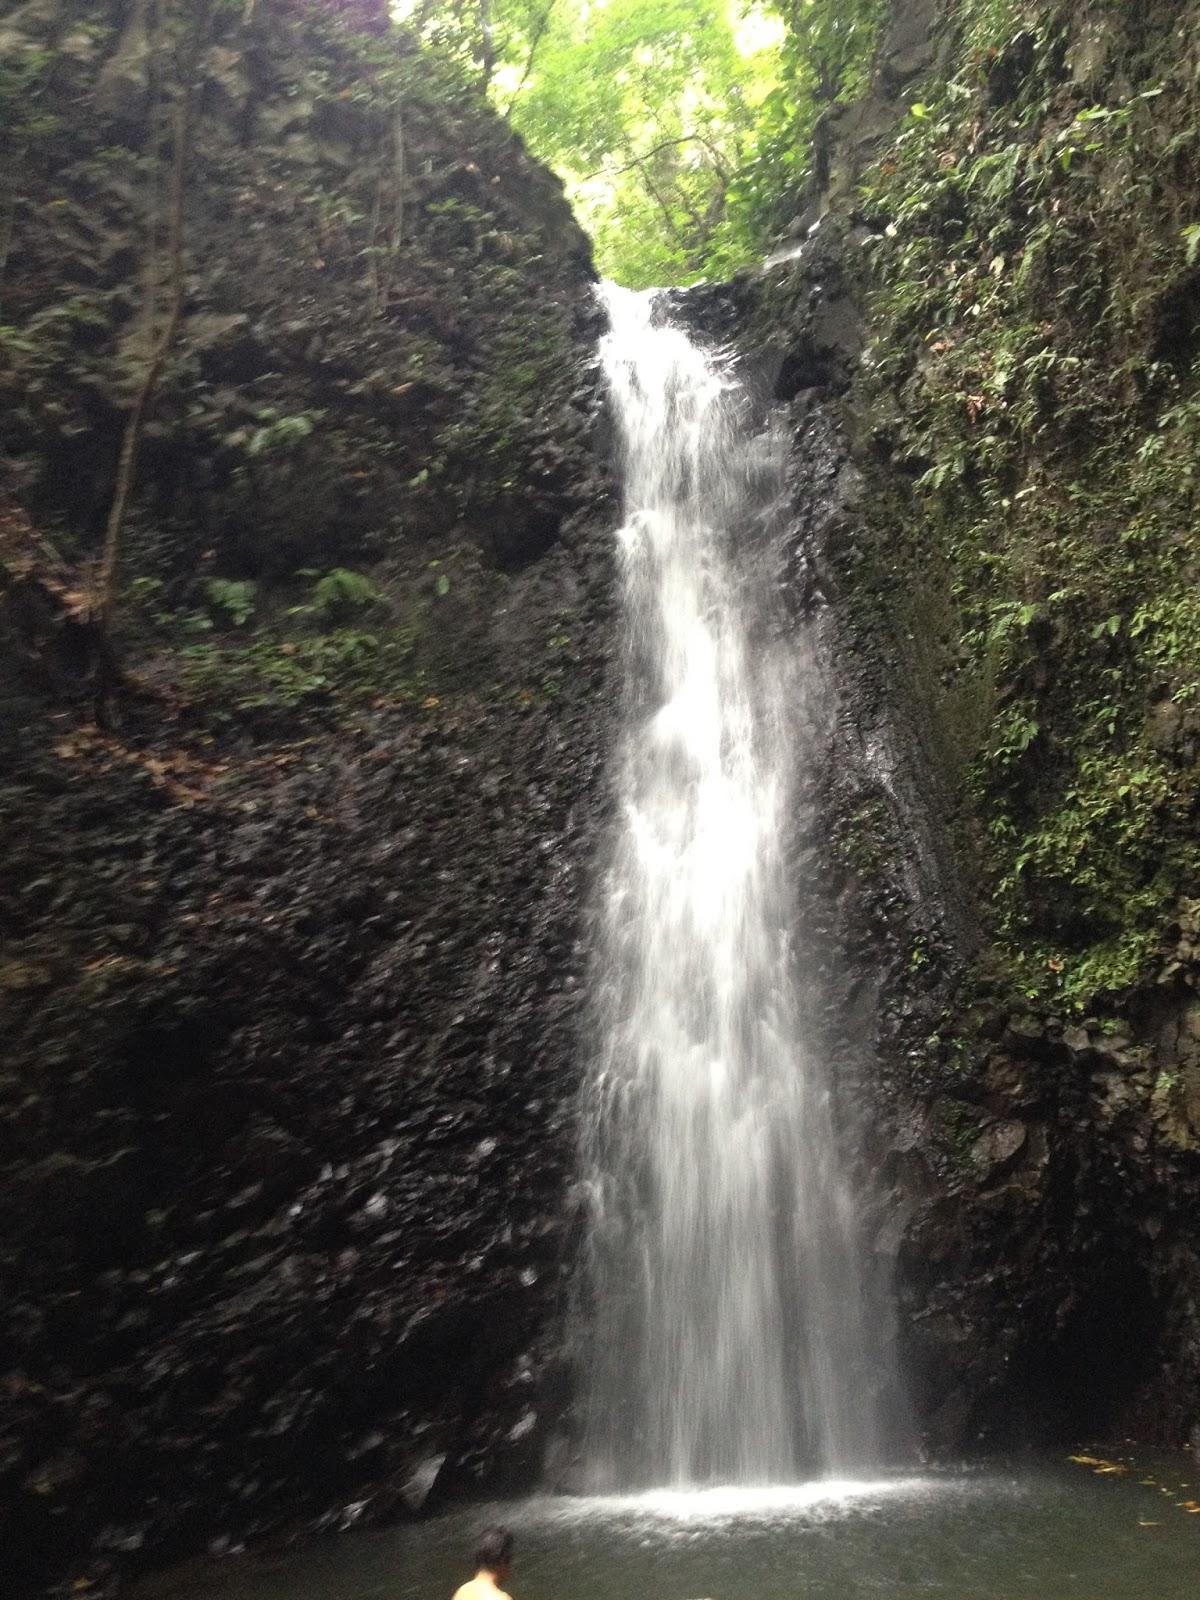 Lanzones falls